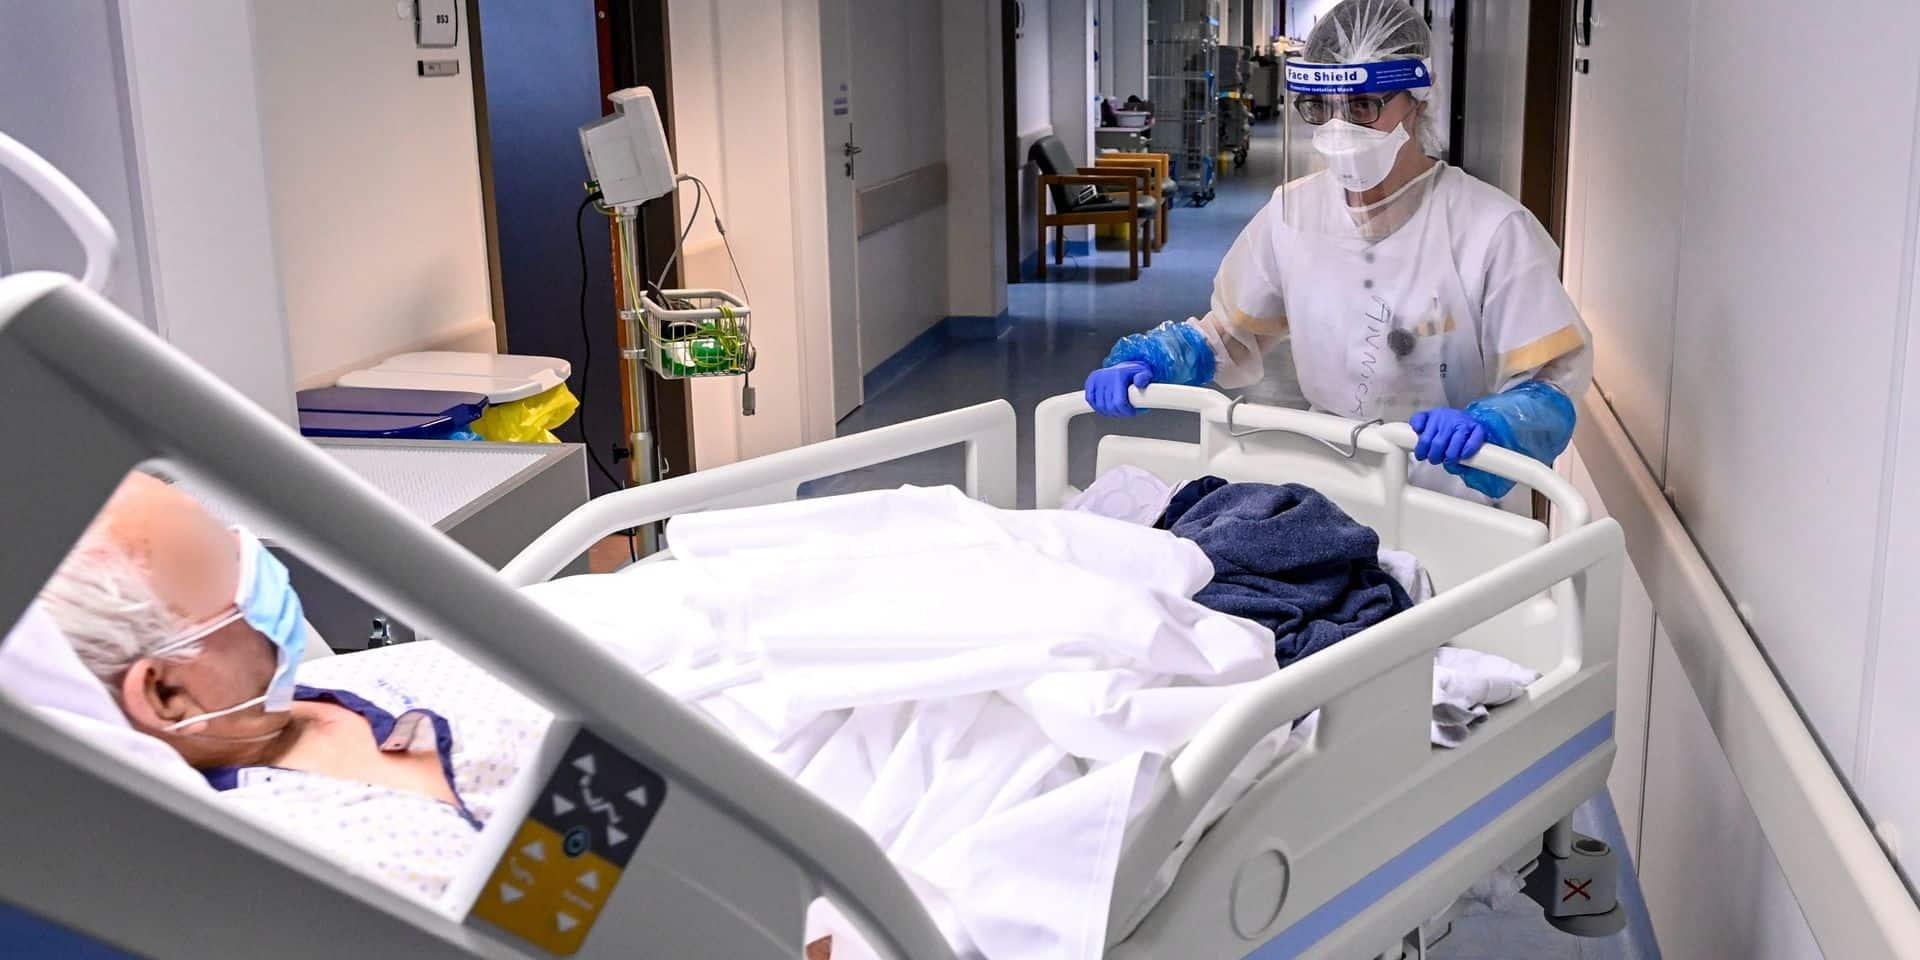 La situation reste très tendue au sein des hôpitaux dans le Hainaut